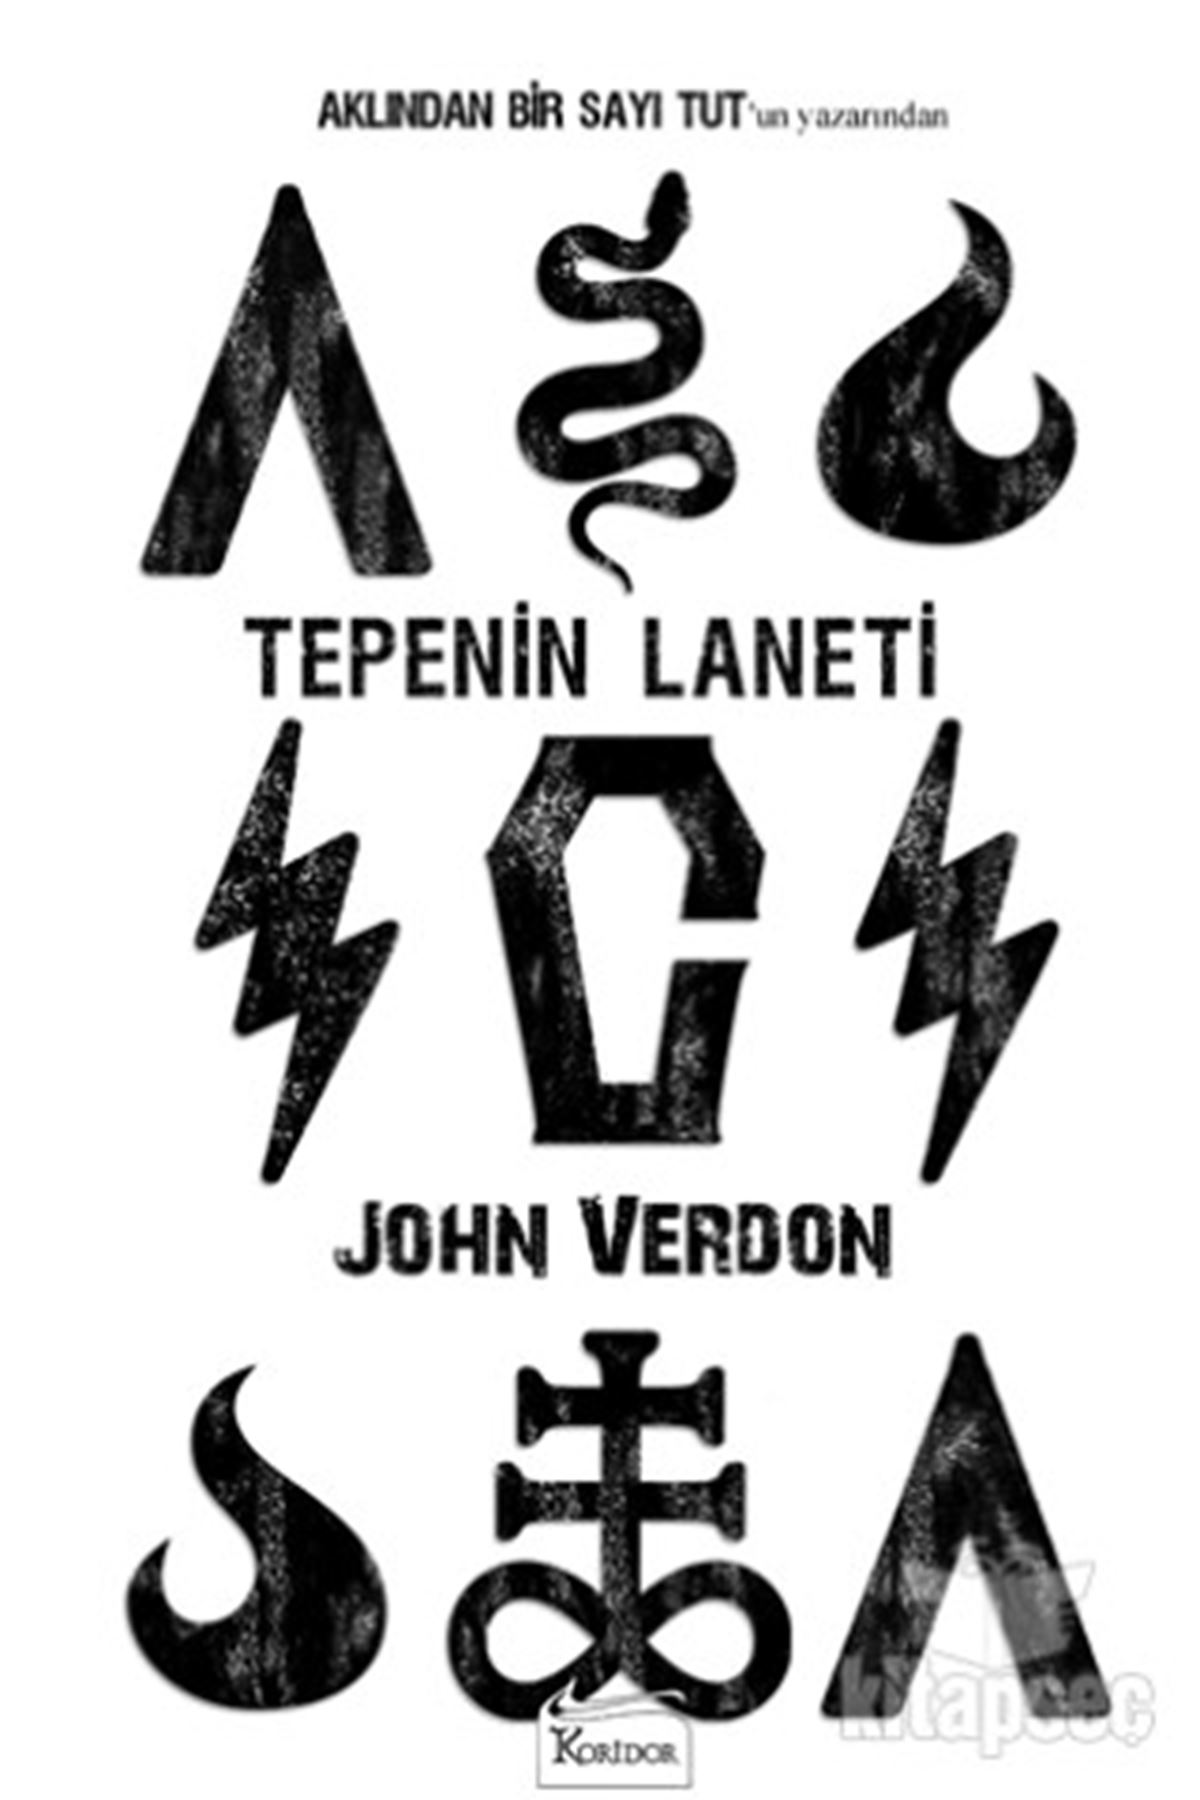 JOHN VERDON - TEPENİN LANETİ